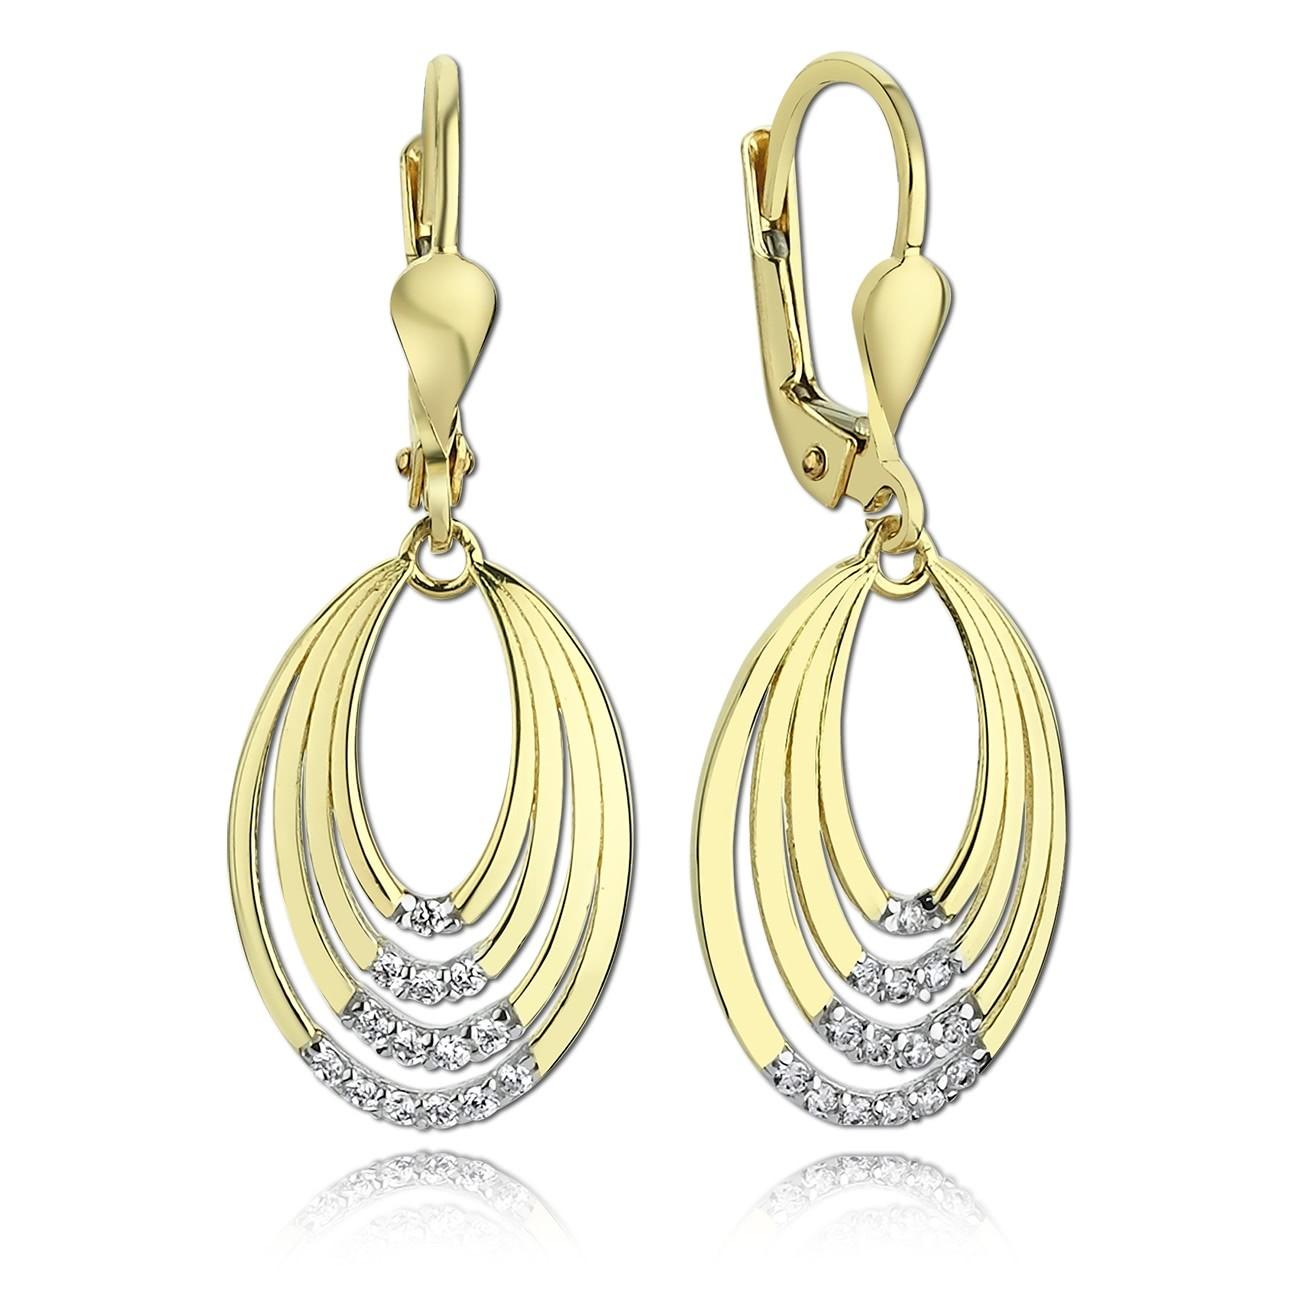 Balia Damen Ohrhänger aus 333 Gelbgold mit Zirkonia BGO0013GW